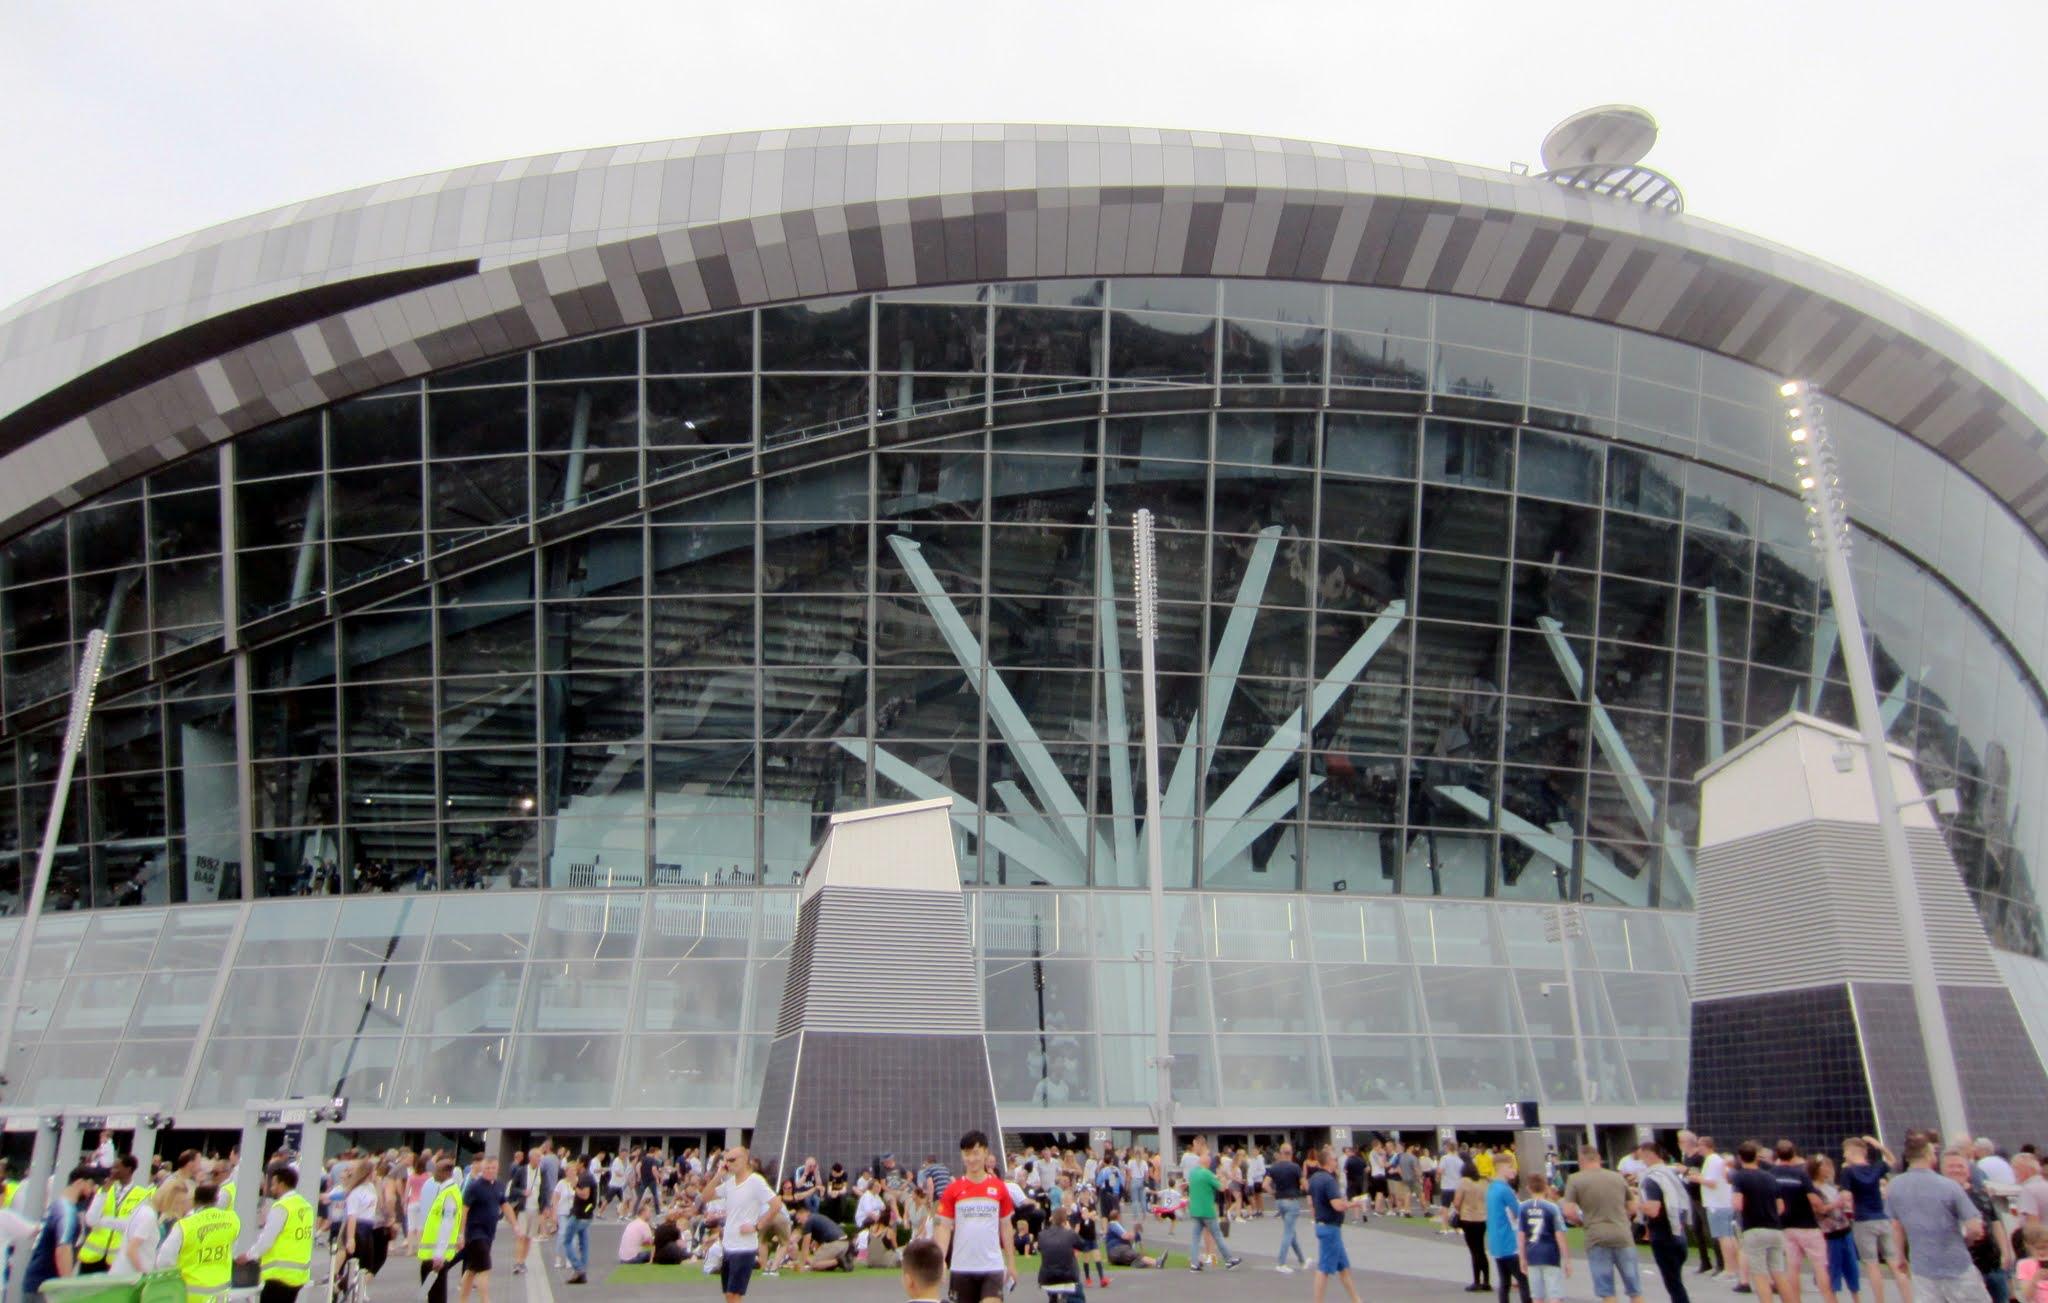 Exterior of Tottenham Hotspur Stadium